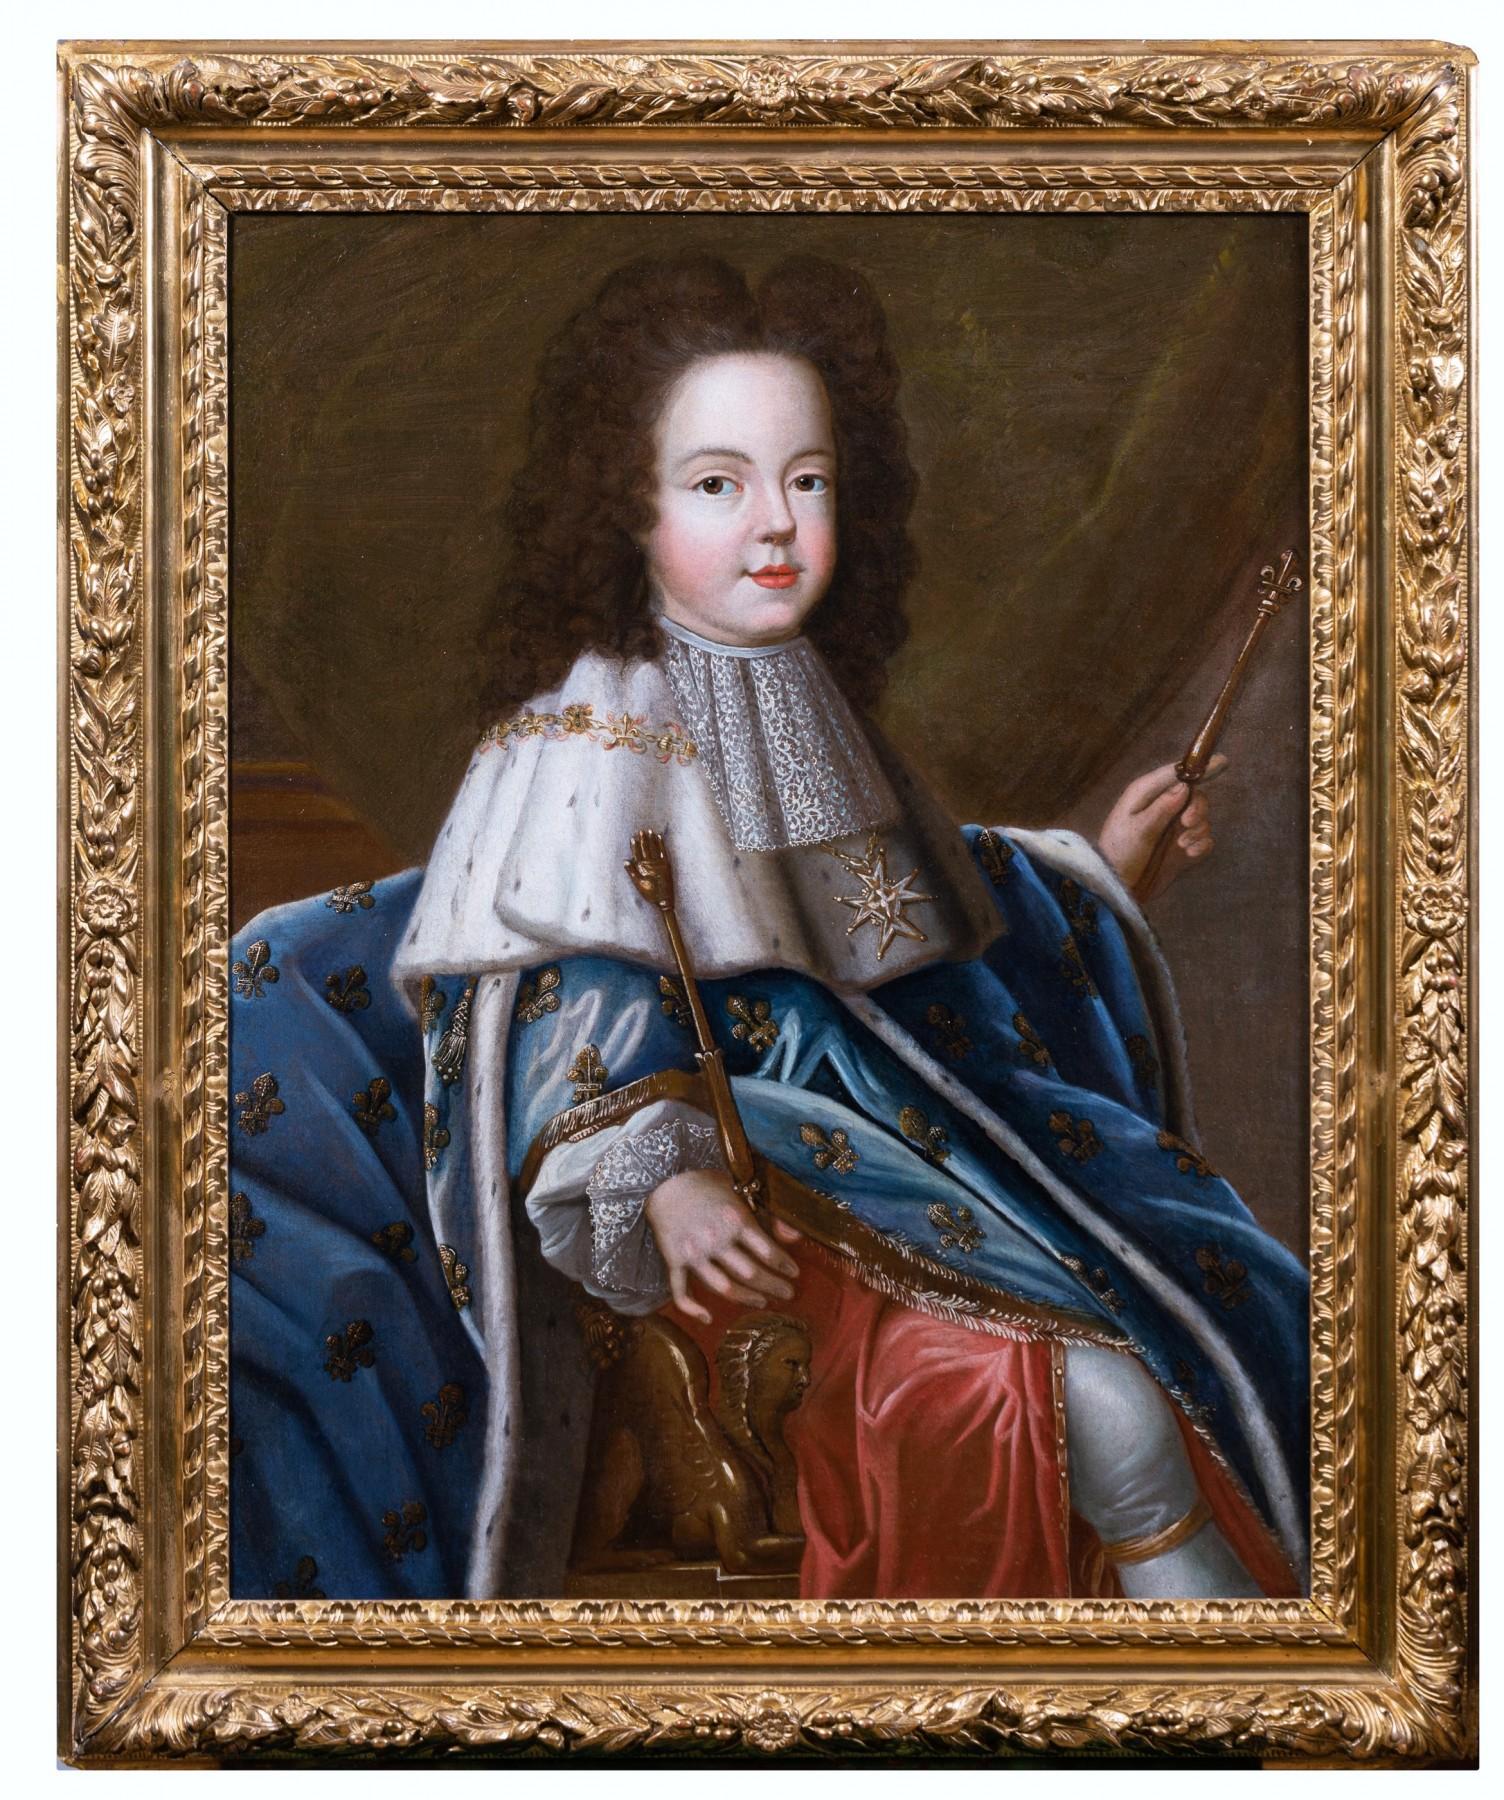 Portrait de Louis XV enfant, atelier de Pierre Gobert vers 1716 - XVIIIe  siècle - N.88073